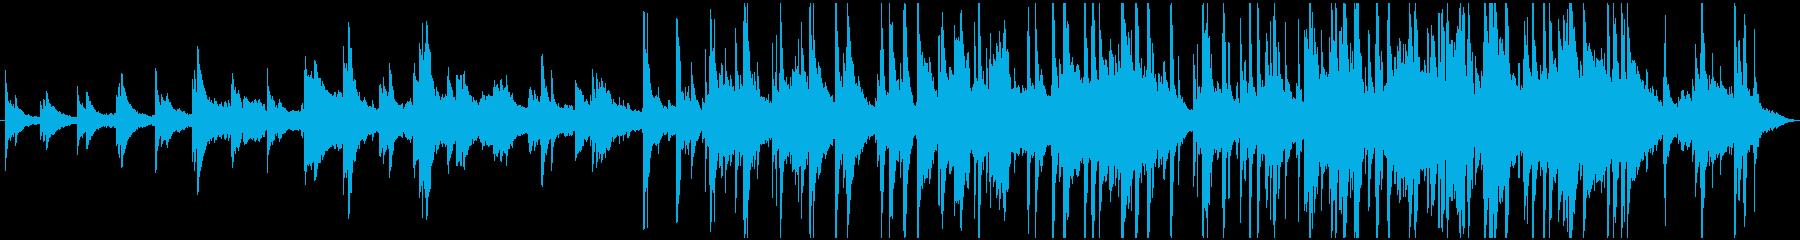 内省的なジャズピアノ作品。メランコ...の再生済みの波形